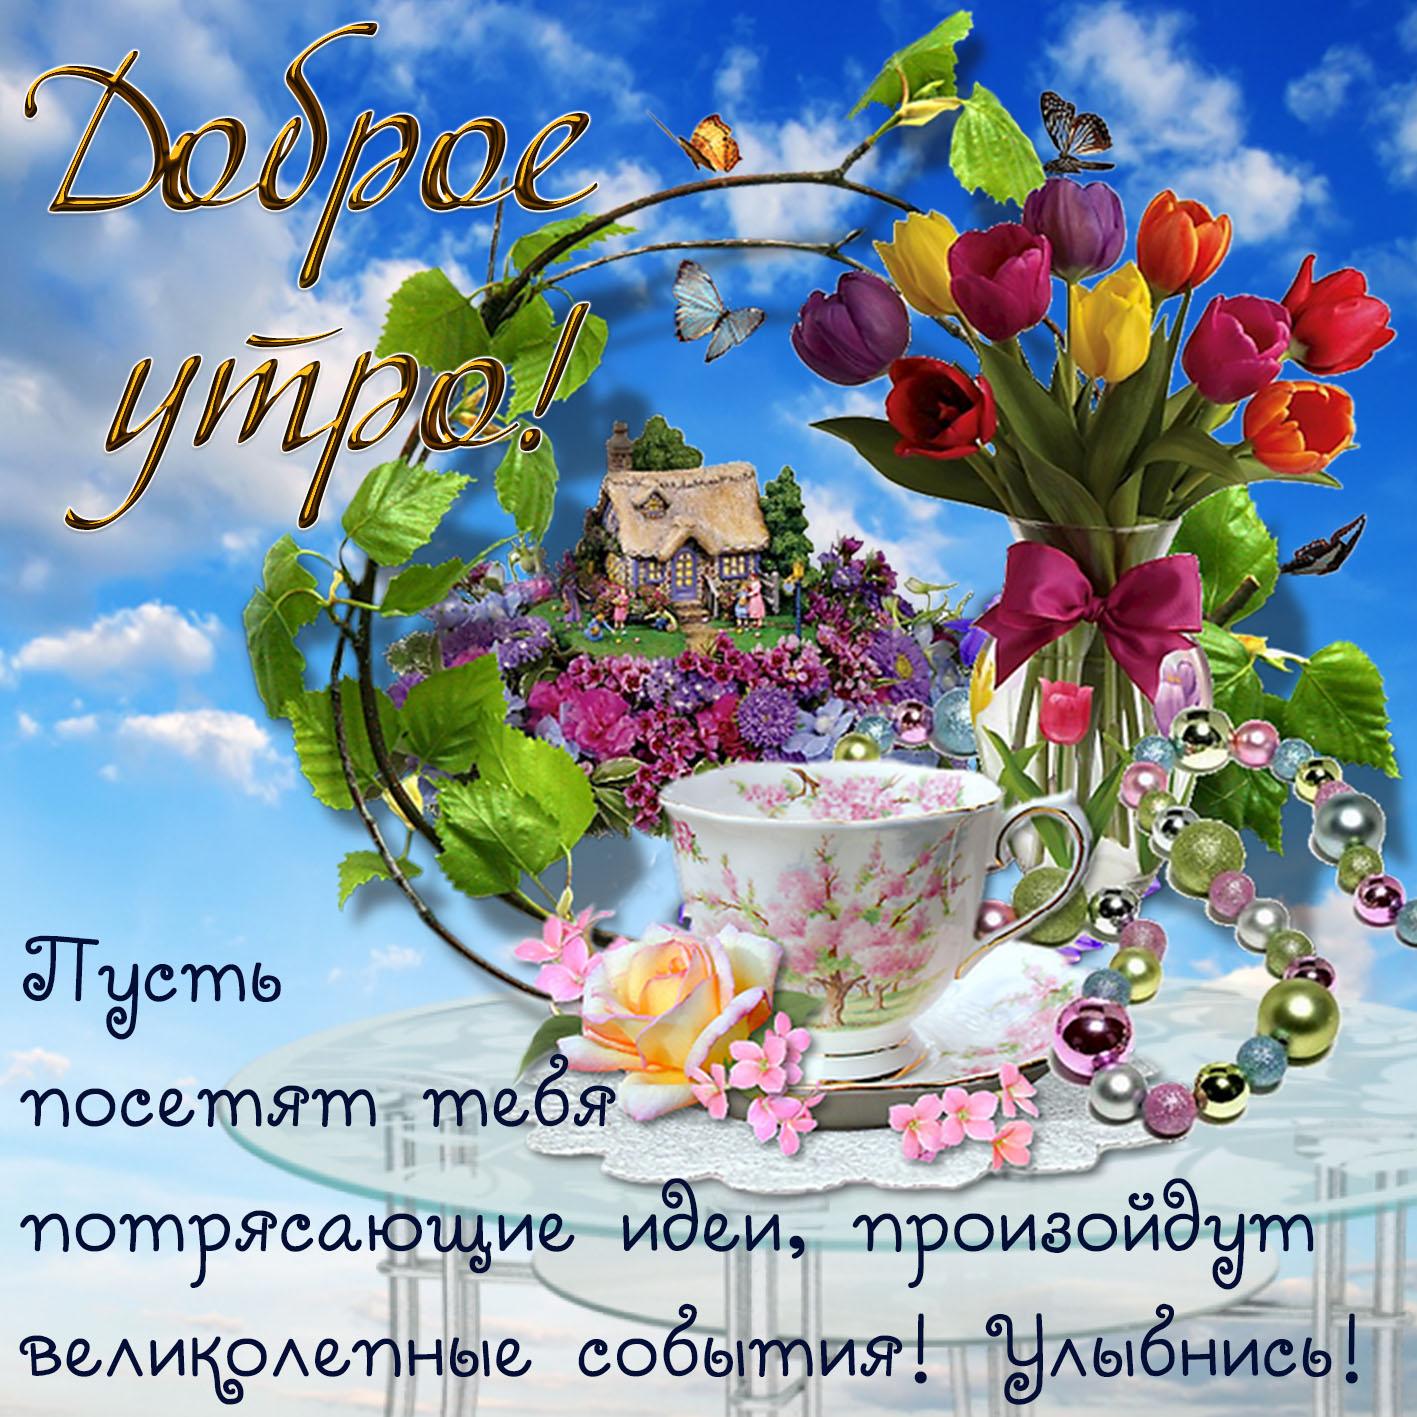 Картинка доброе утро с букетом тюльпанов на милом фоне